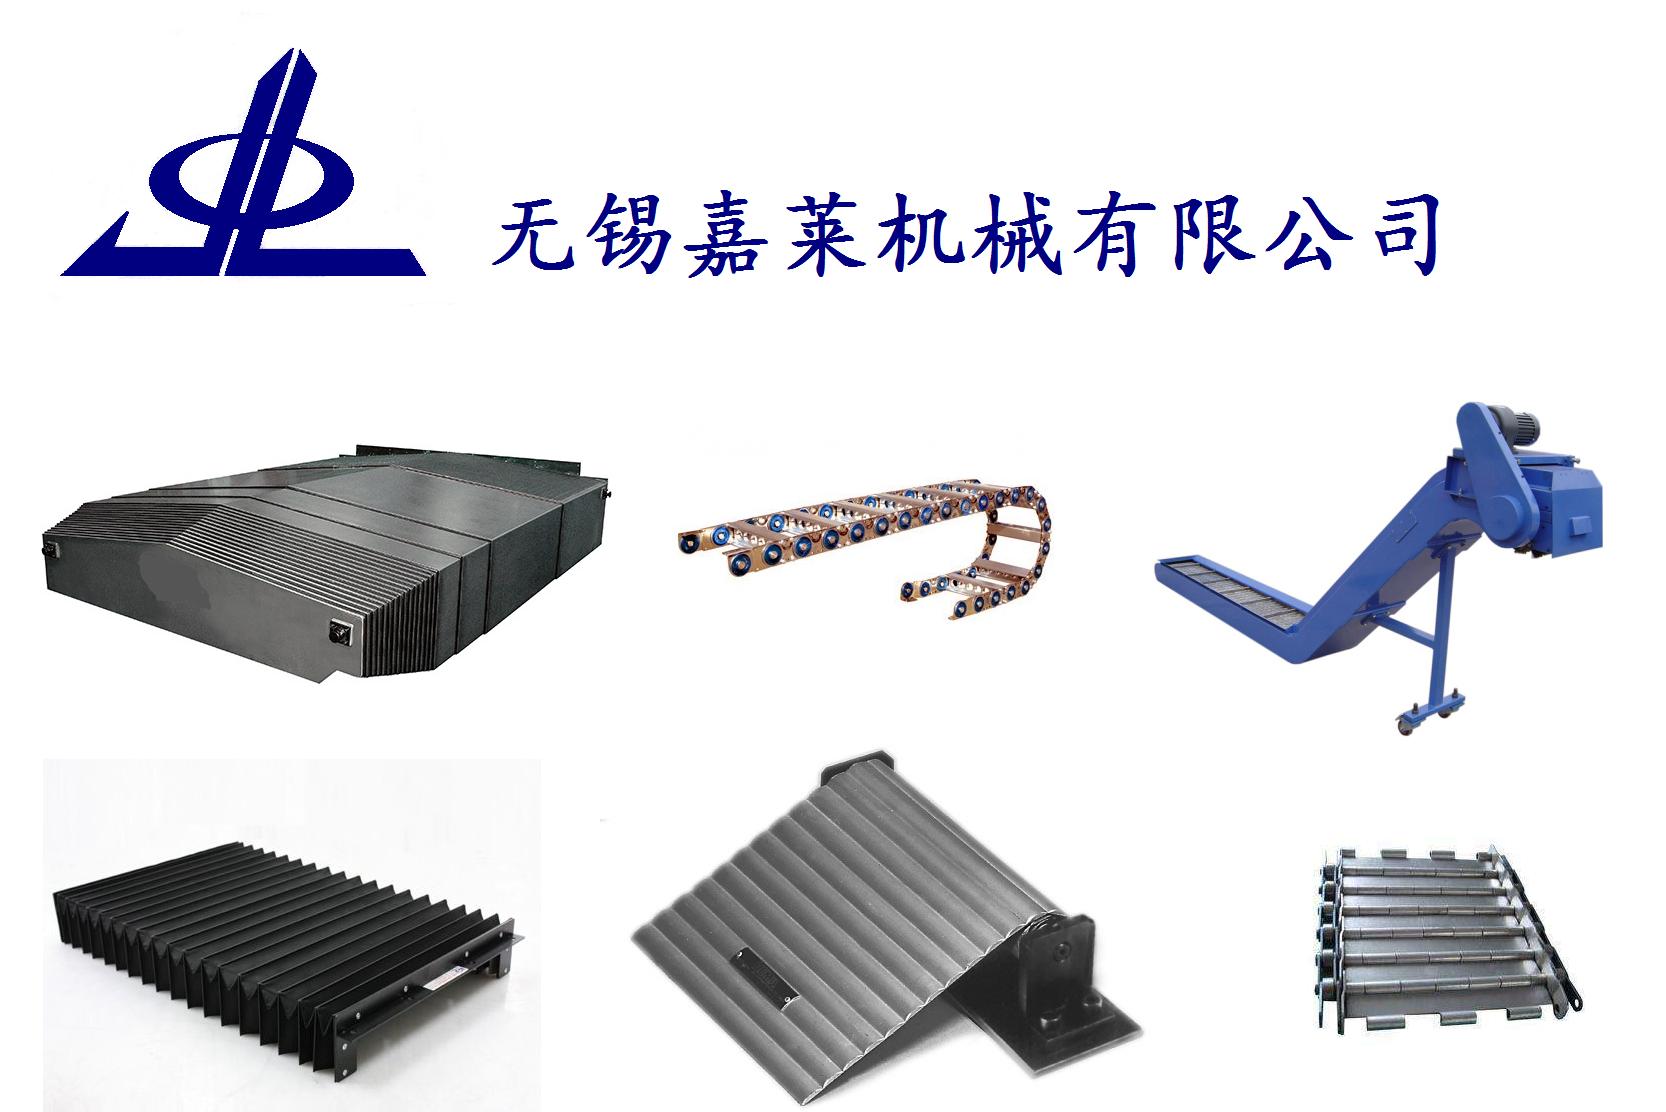 無錫機床防護罩生產廠家